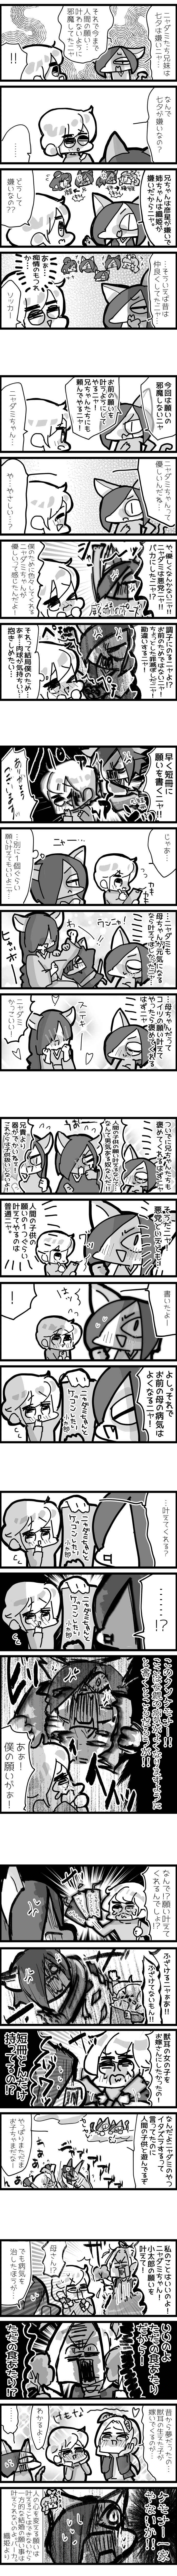 neetsadami.com_6話